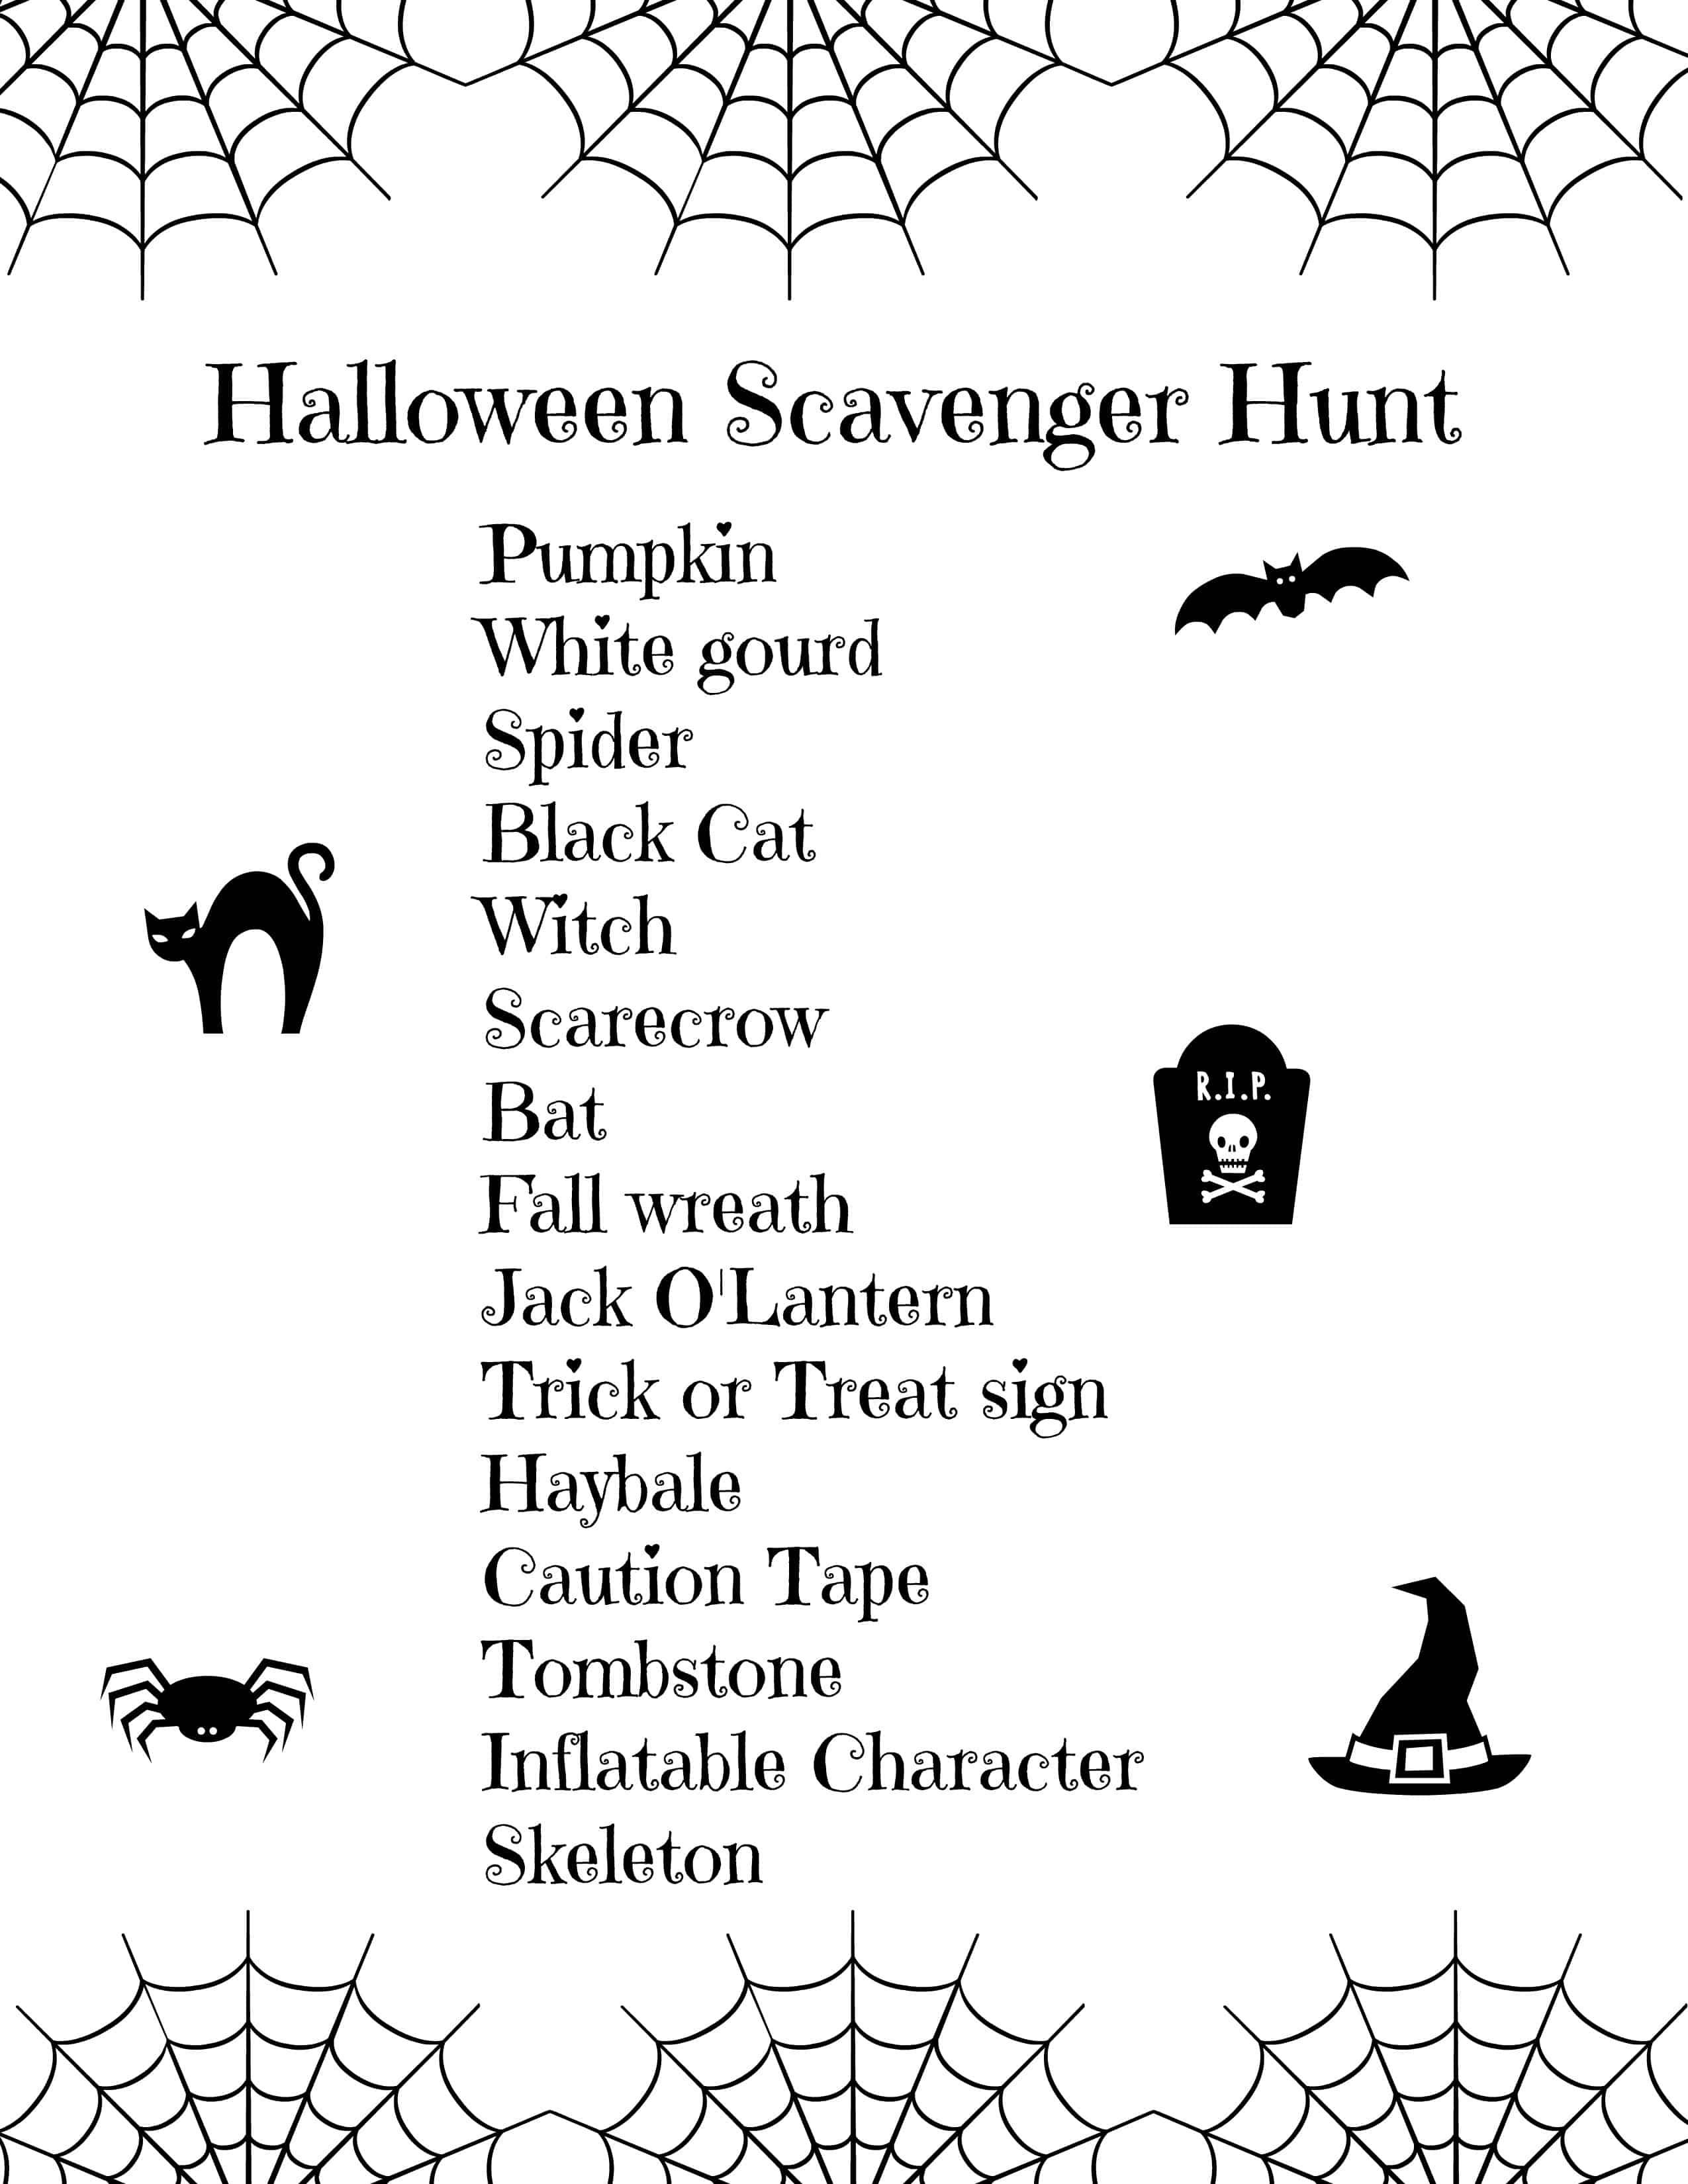 Halloween Scavenger Hunt For Kids (Free Printable) - Free Printable Halloween Scavenger Hunt